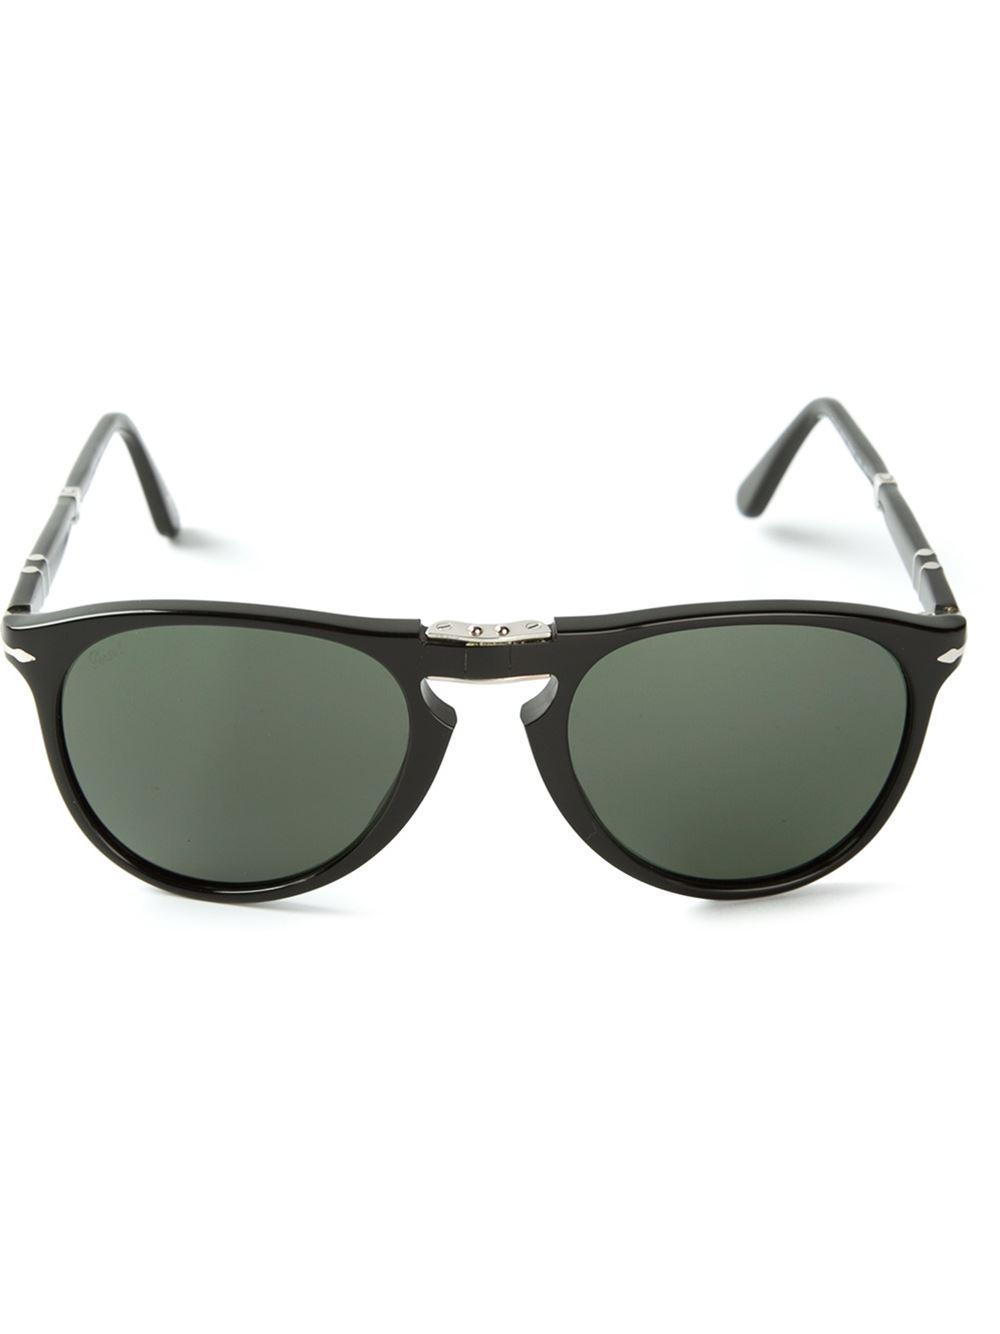 bbf70e94ab3 Lyst - Persol  steve Mcqueen  Foldable Sunglasses in Black